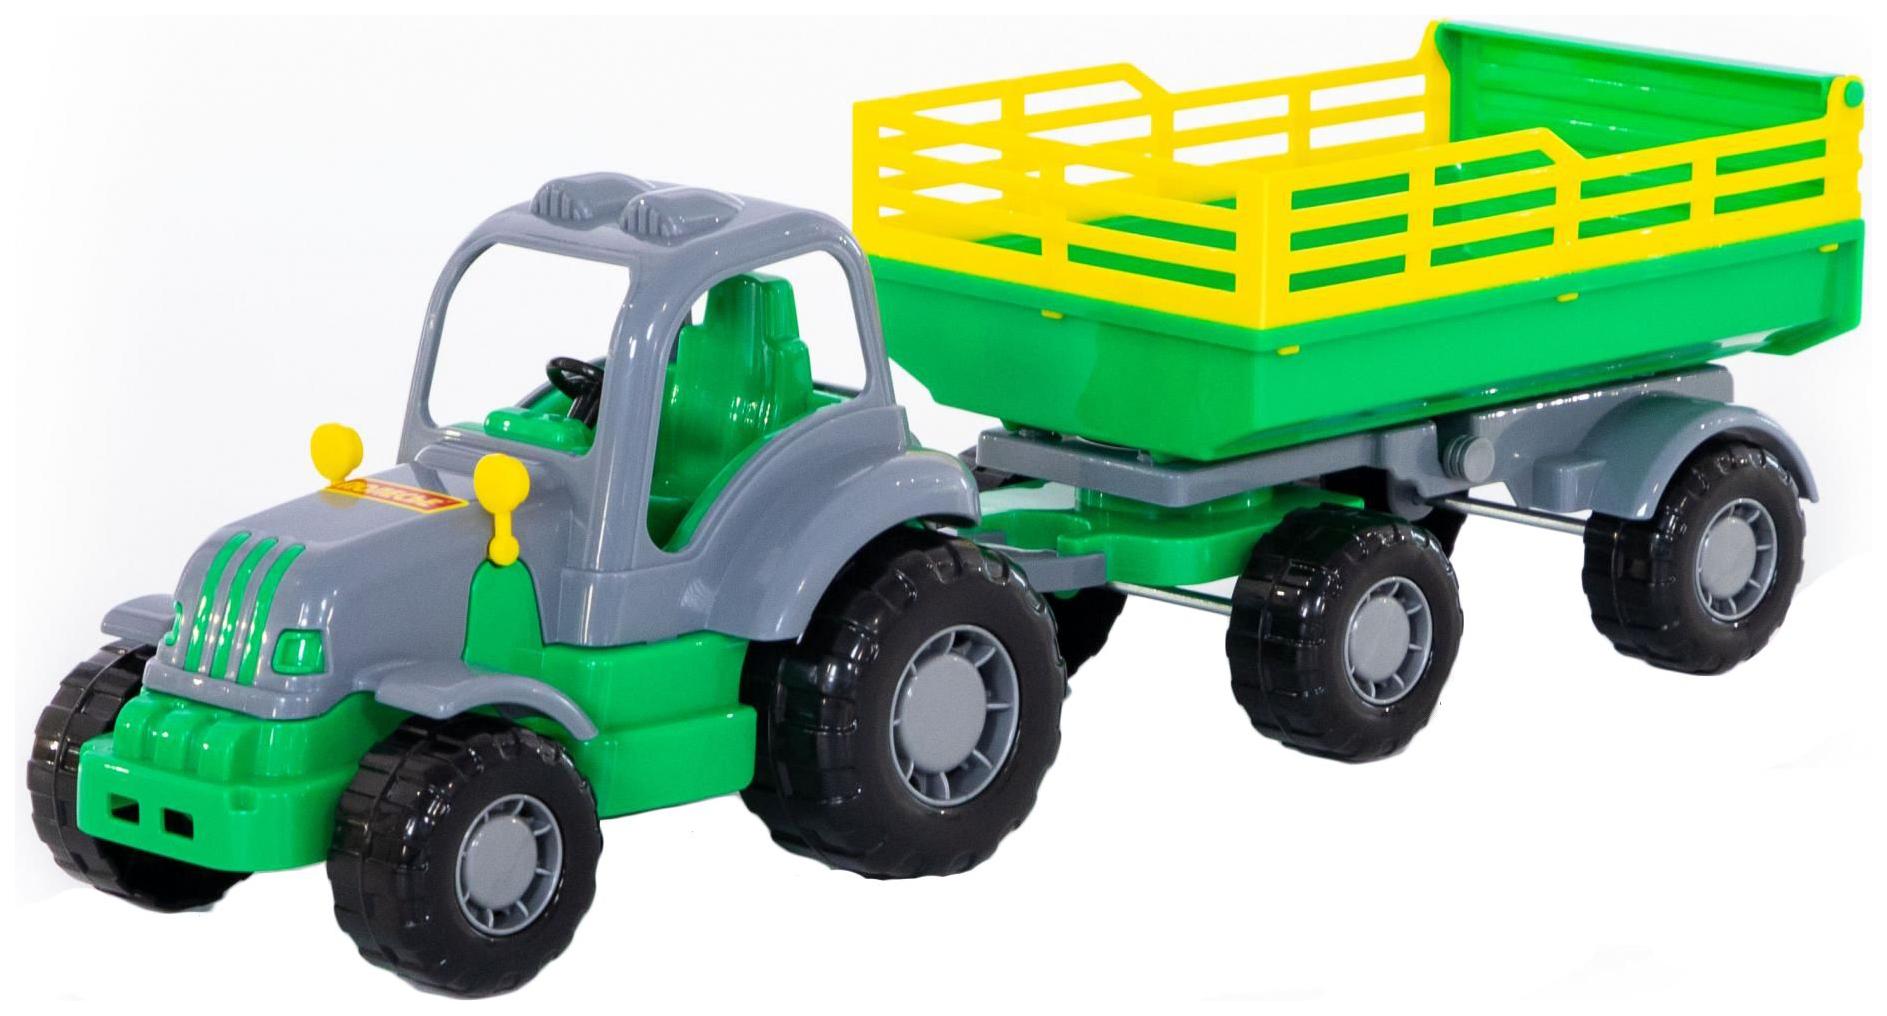 Развивающая игрушка Полесье Крепыш Трактор с прицепом №2